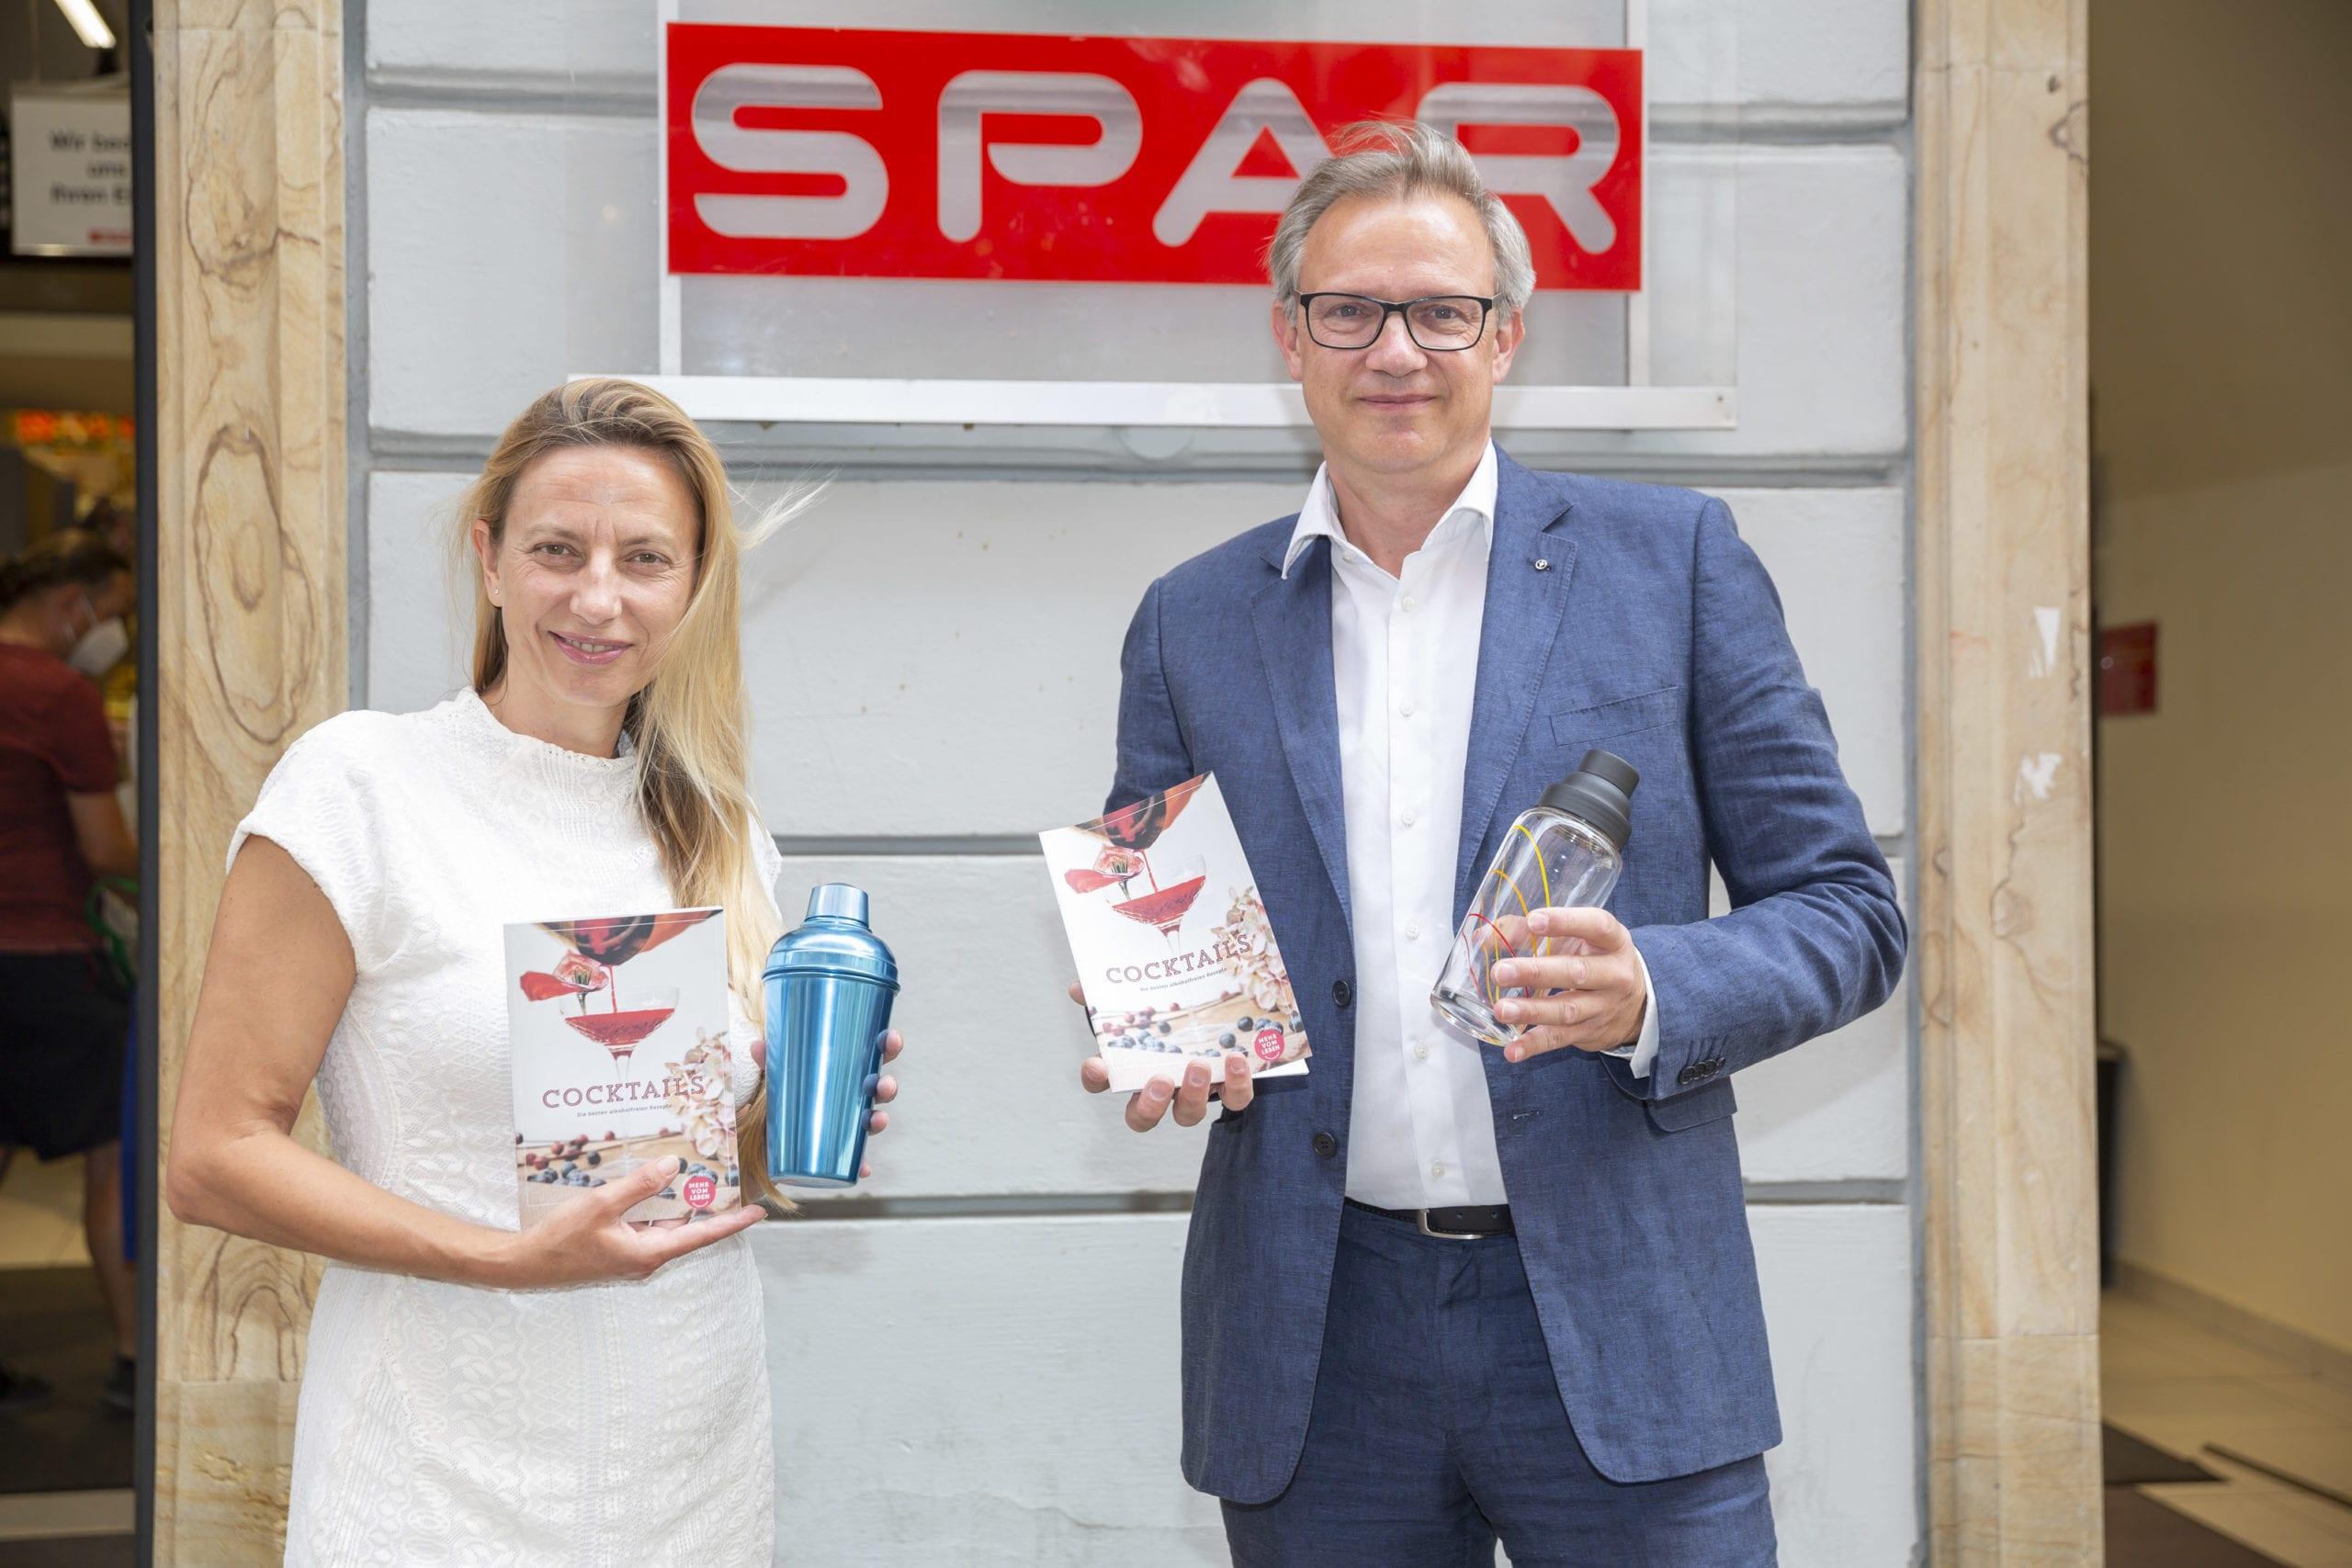 Gesundheitslandesrätin Juliane Bogner-Strauß, SPAR Steiermark und Gesundheitsfonds Steiermark präsentieren neues Rezeptheft für alkoholfreie Cocktails